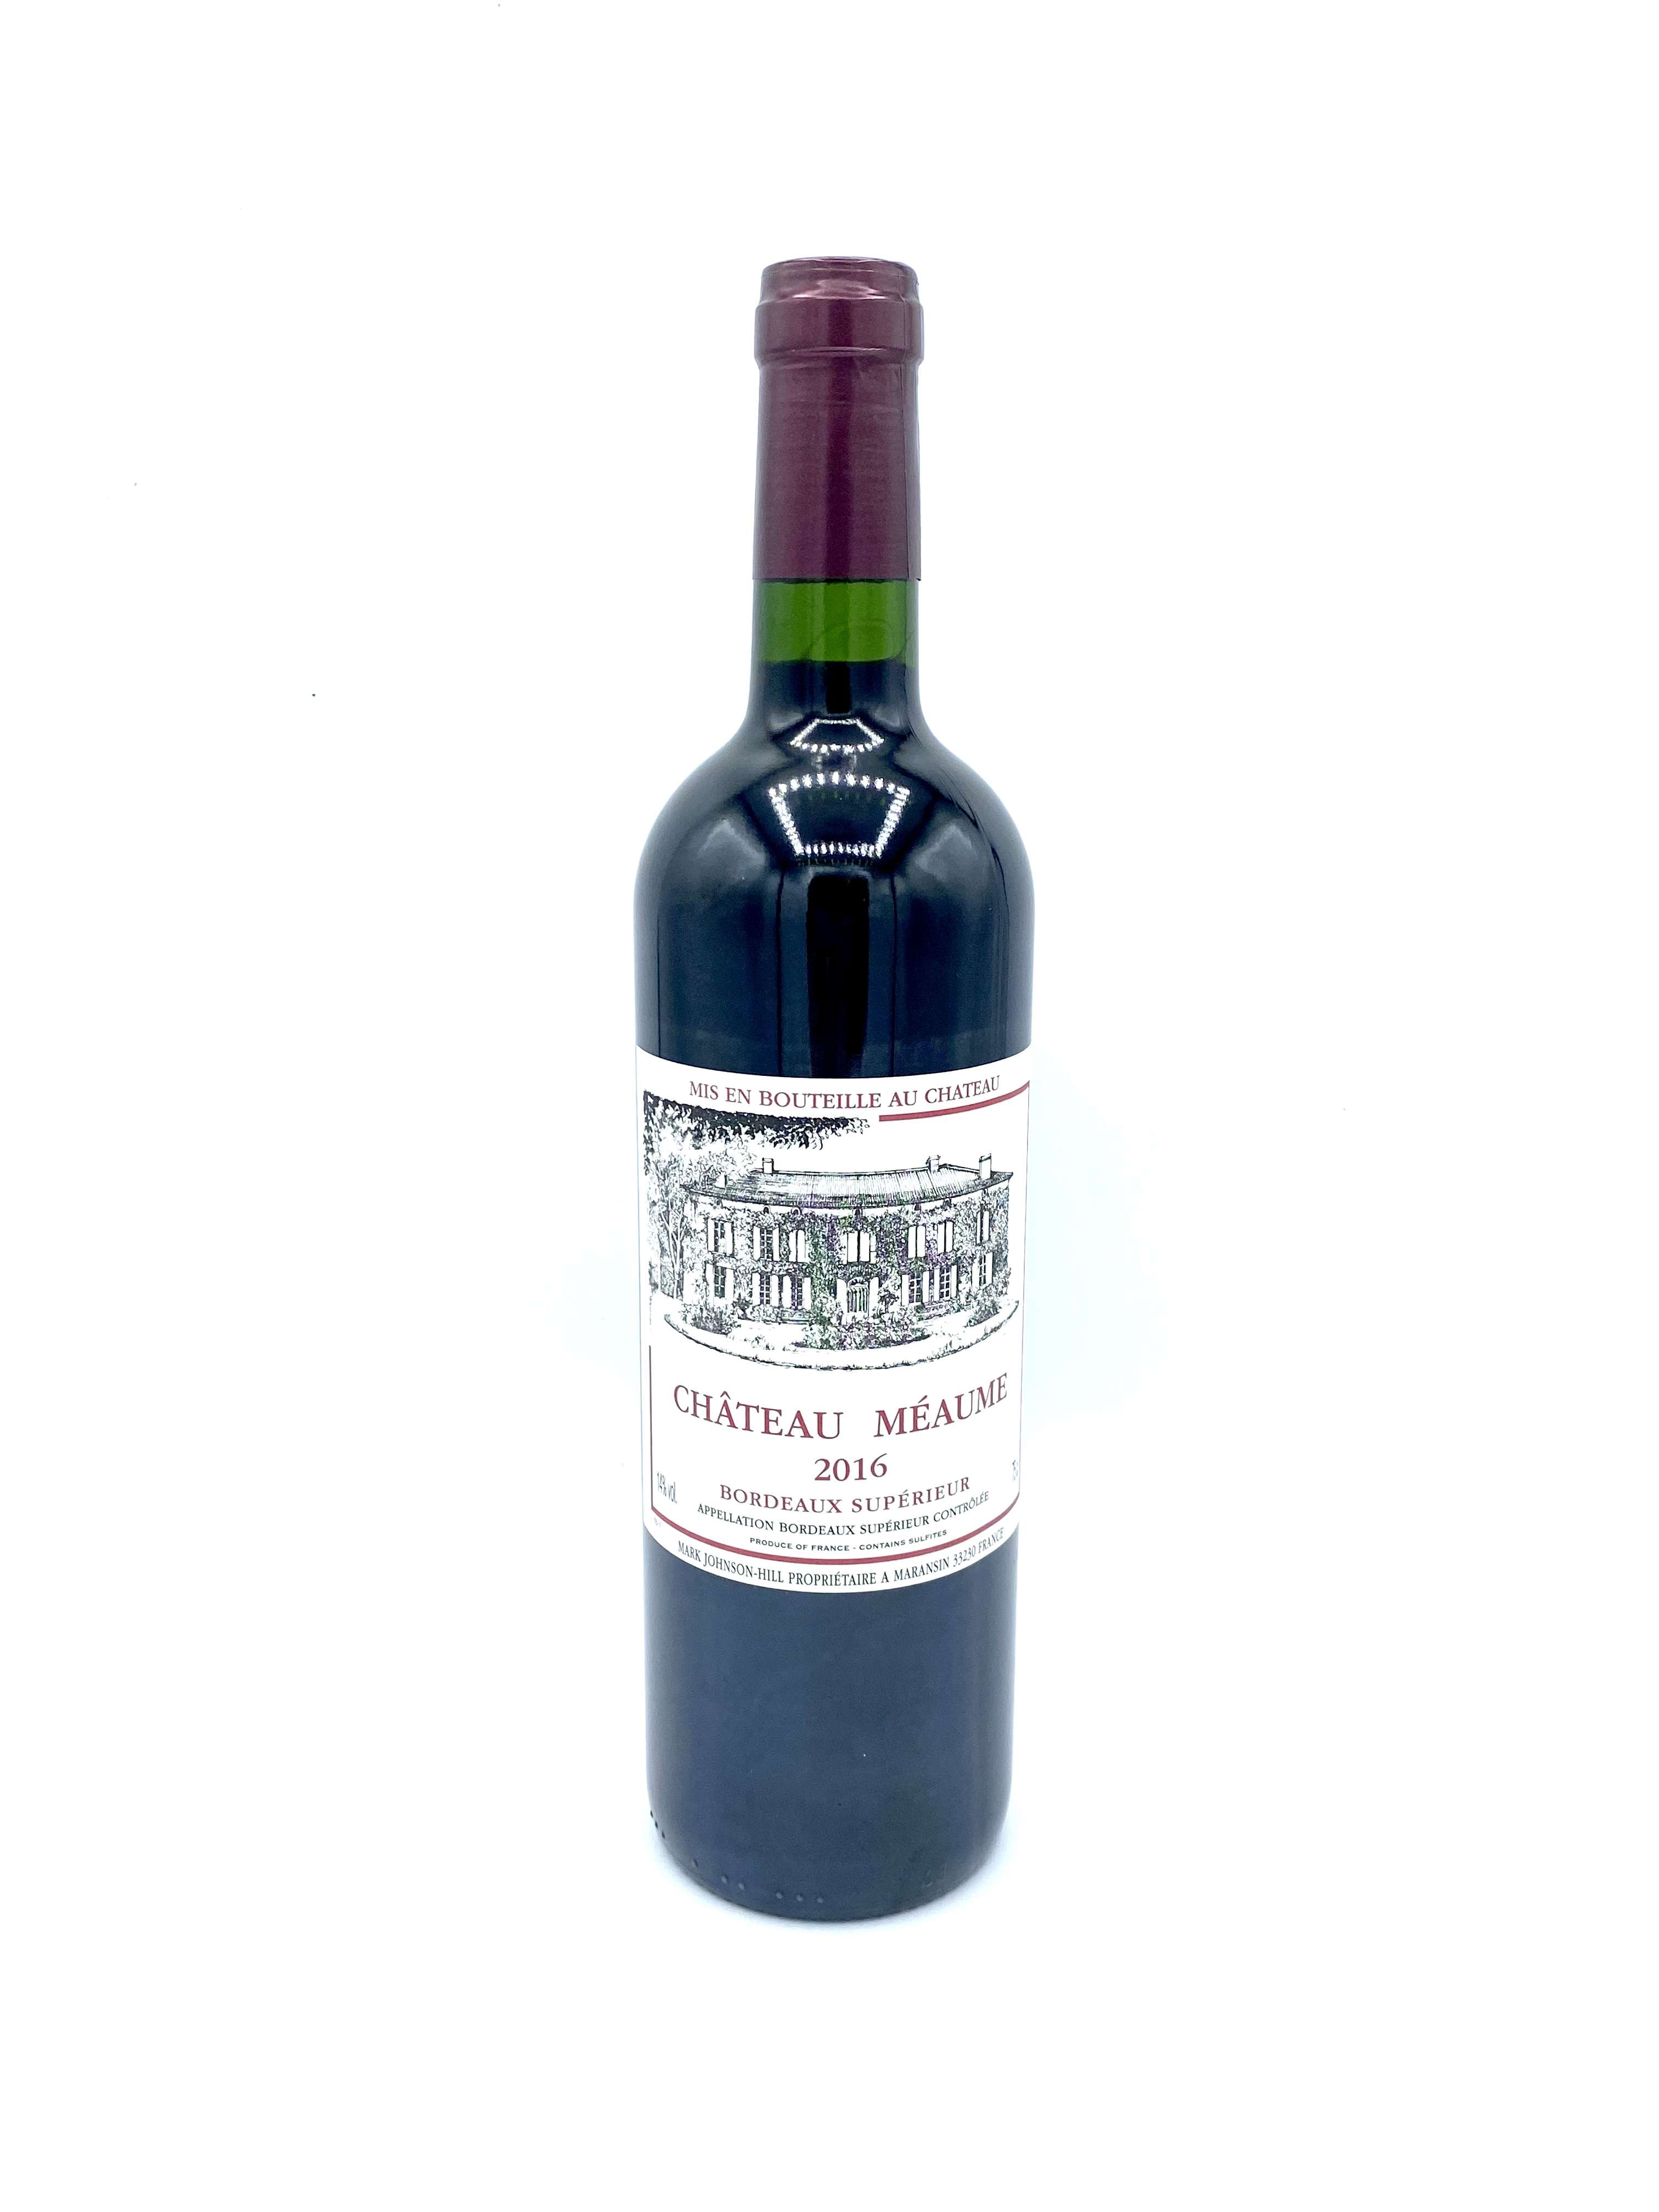 Chateau Meaume Bordeaux Superieur Wines